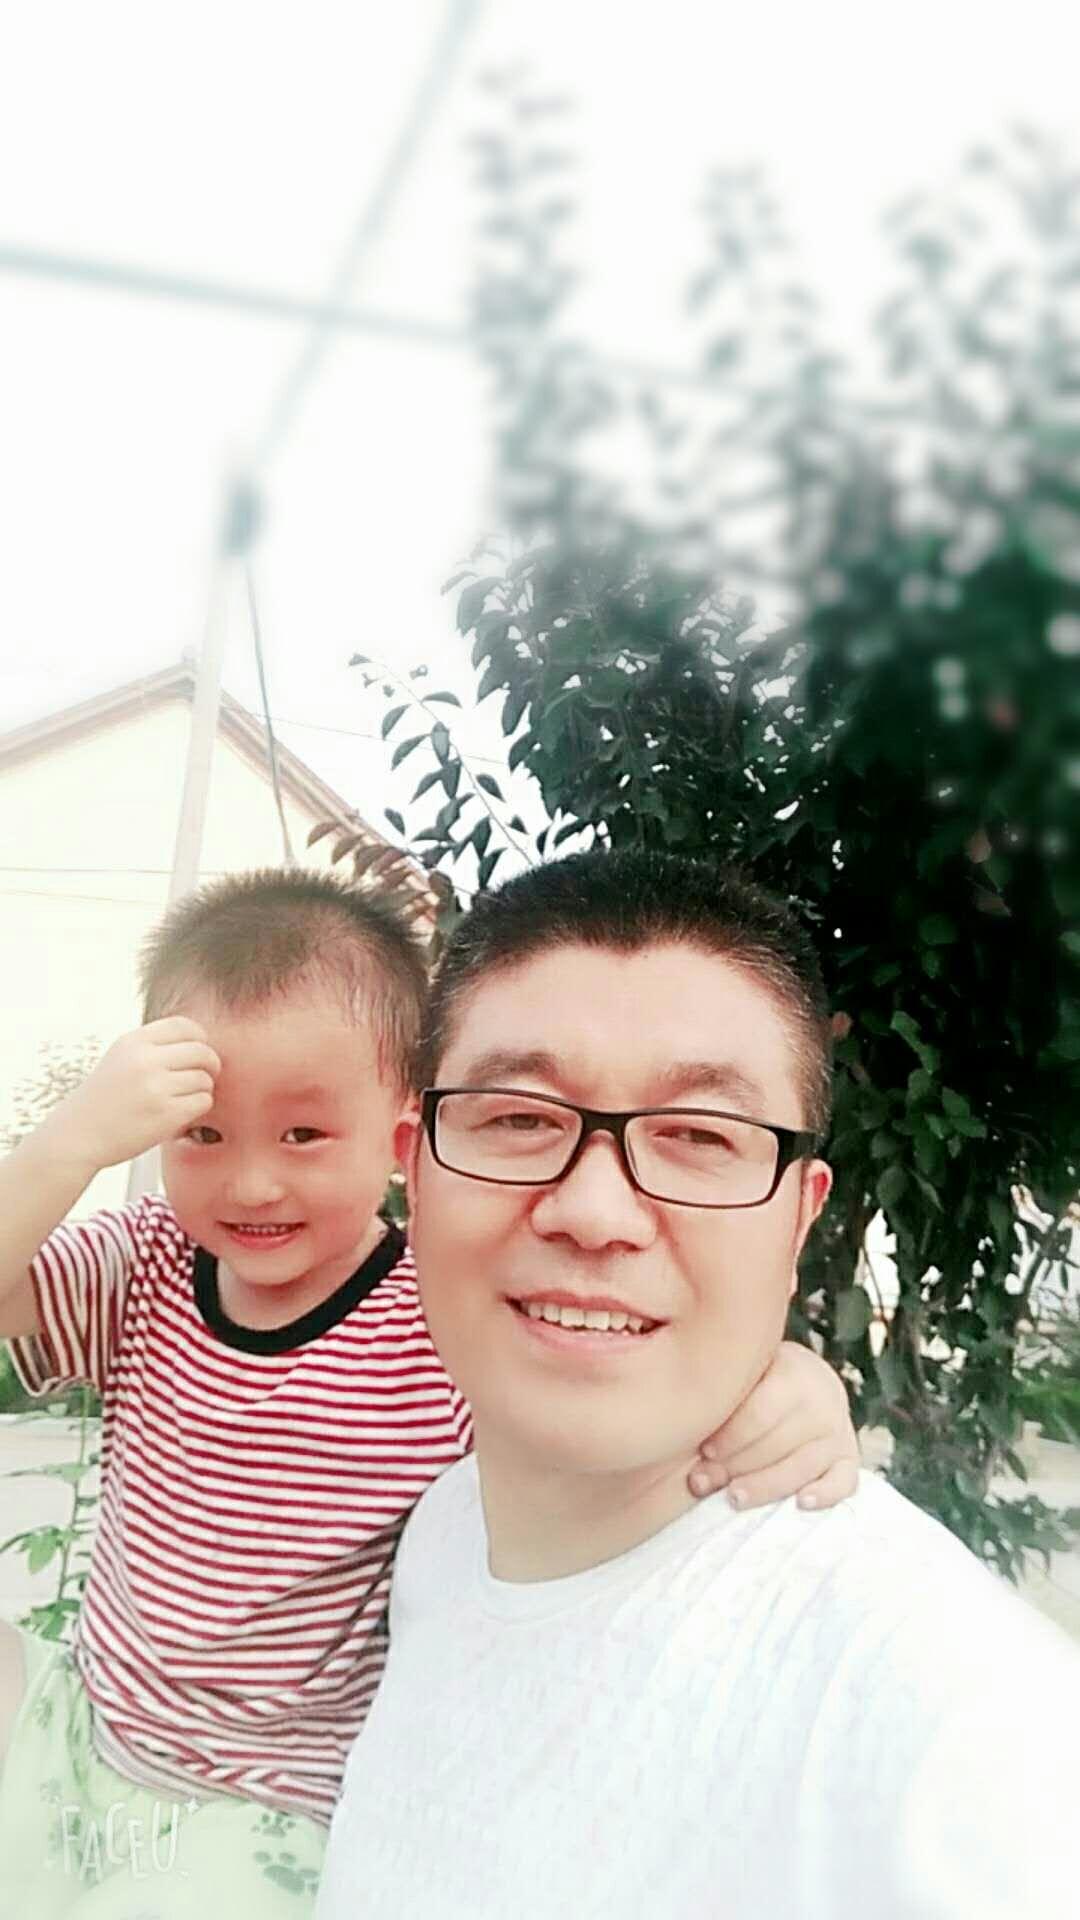 我想陪4岁儿子慢慢长大!日照40岁男子患癌向社会求助!